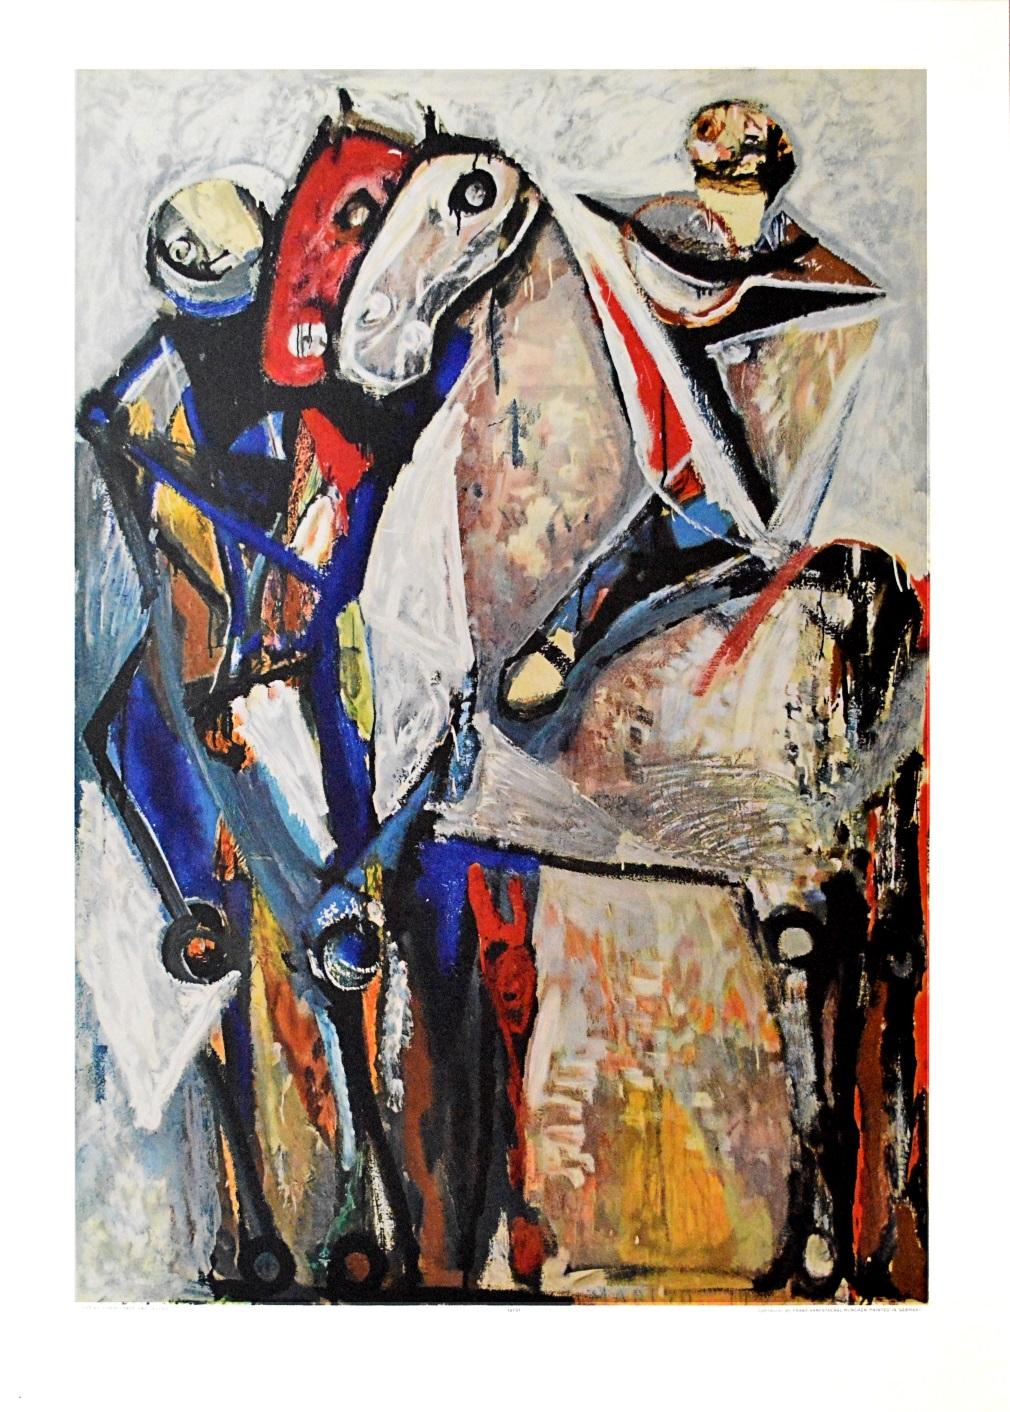 Marino Marini Zwei Reiter Poster Kunstdruck Bild Lichtdruck 89x62cm